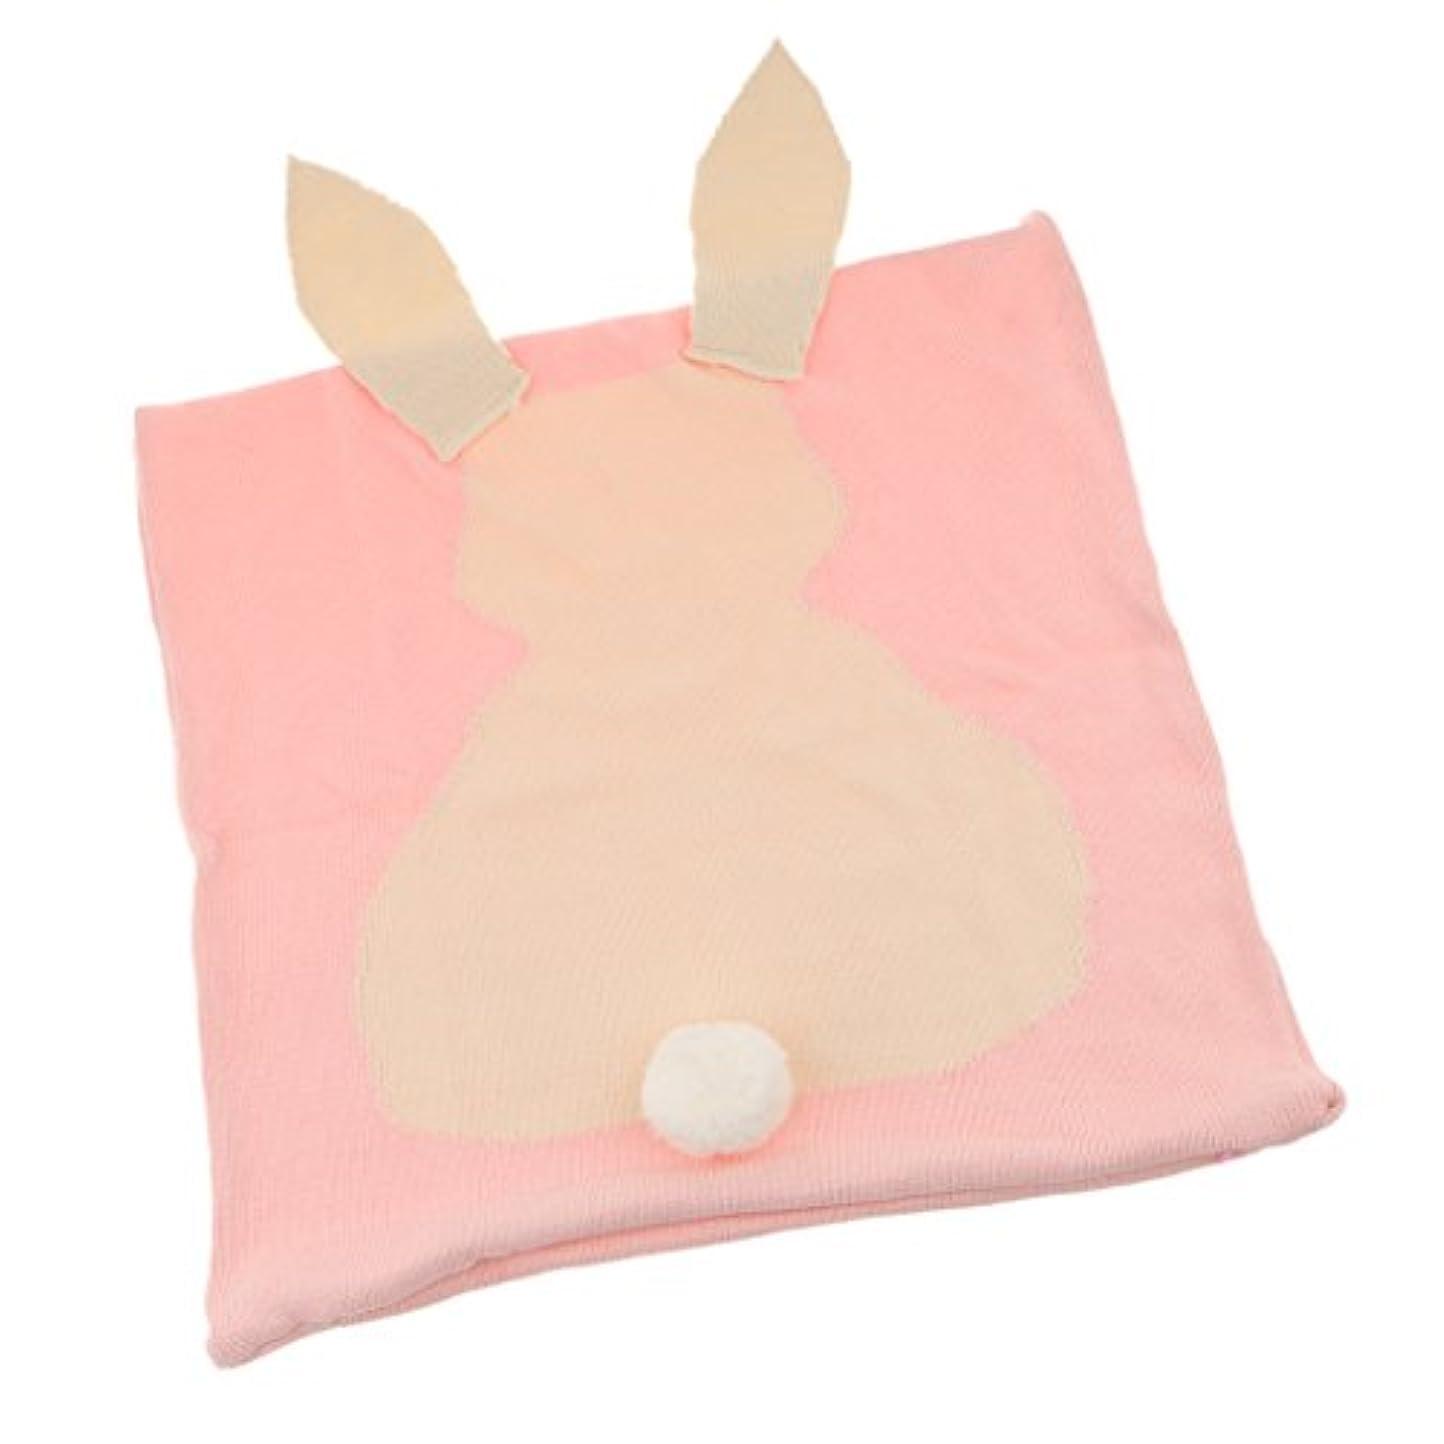 操る限り観察綿 ニット 癒し ウサギ ピローケース ソファ ベッド クッション カバー 枕カバー - ピンク